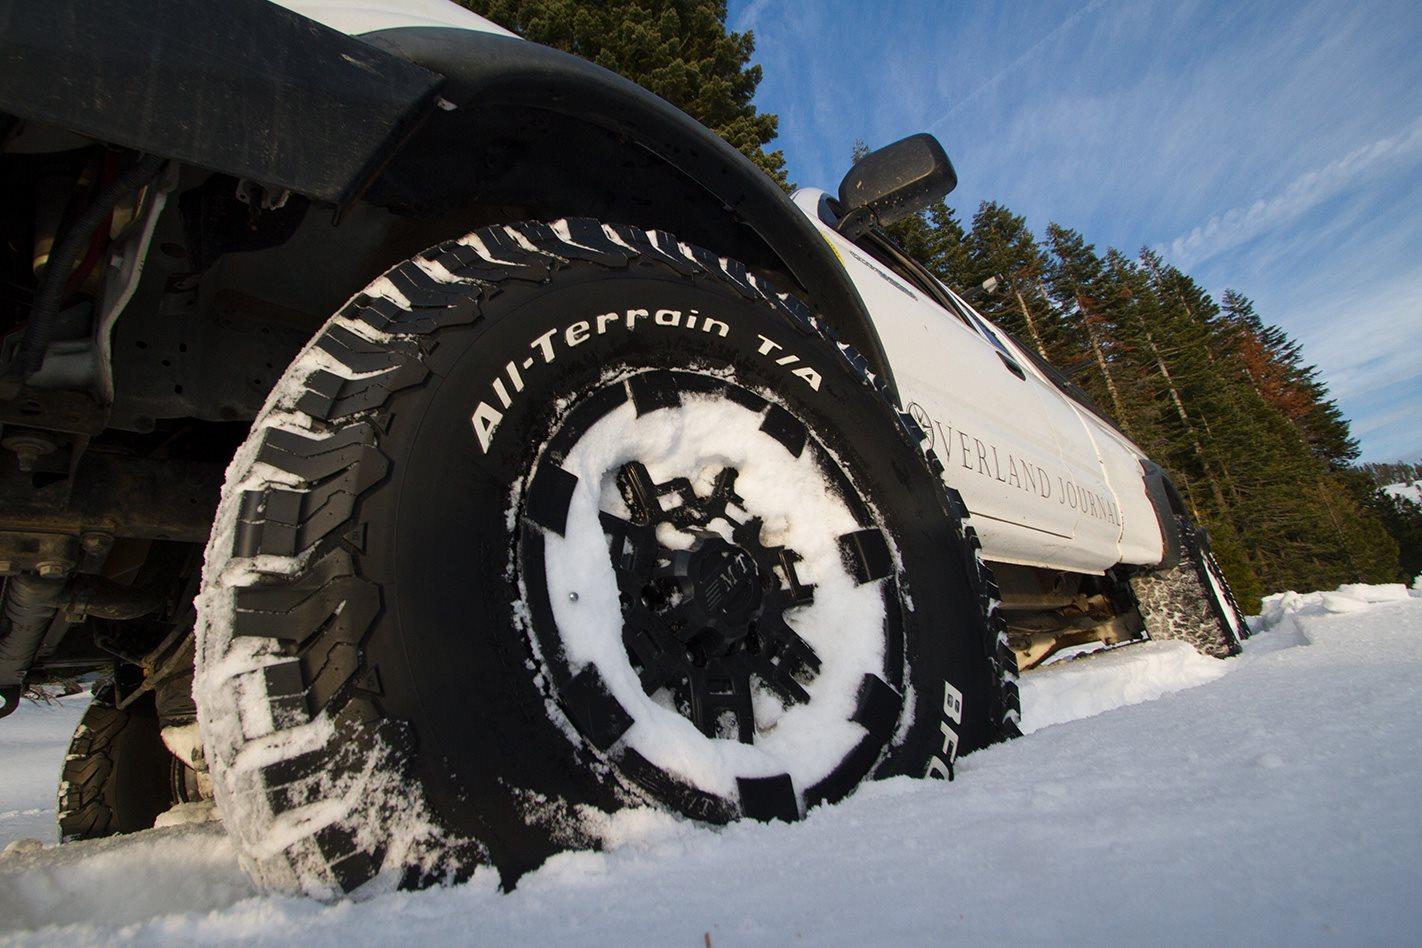 Thử nghiệm lốp BFGoodrich trên băng tuyết